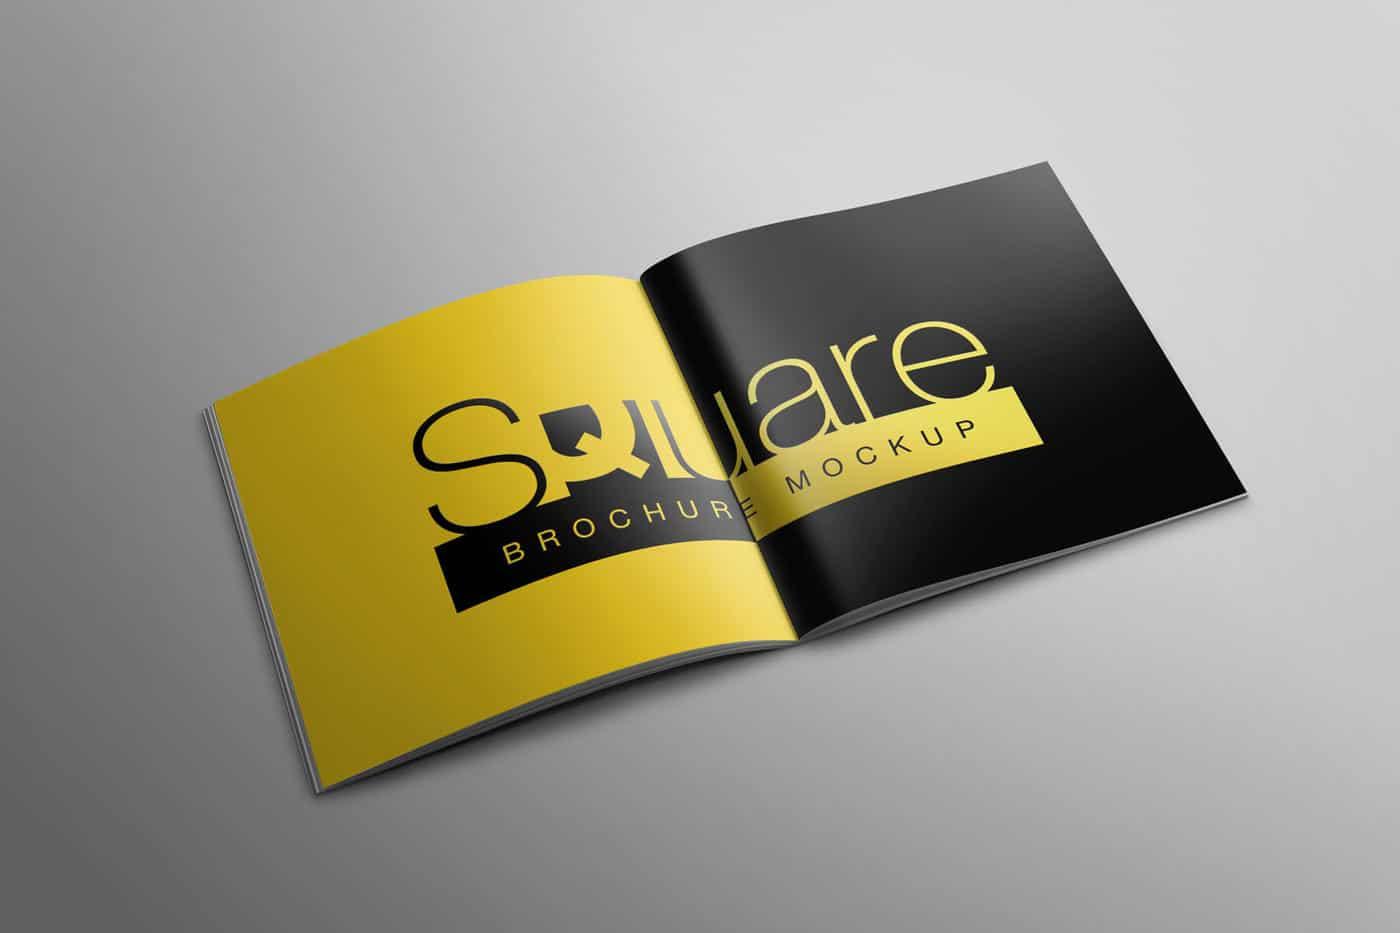 Square-Brochure-Mockup-02